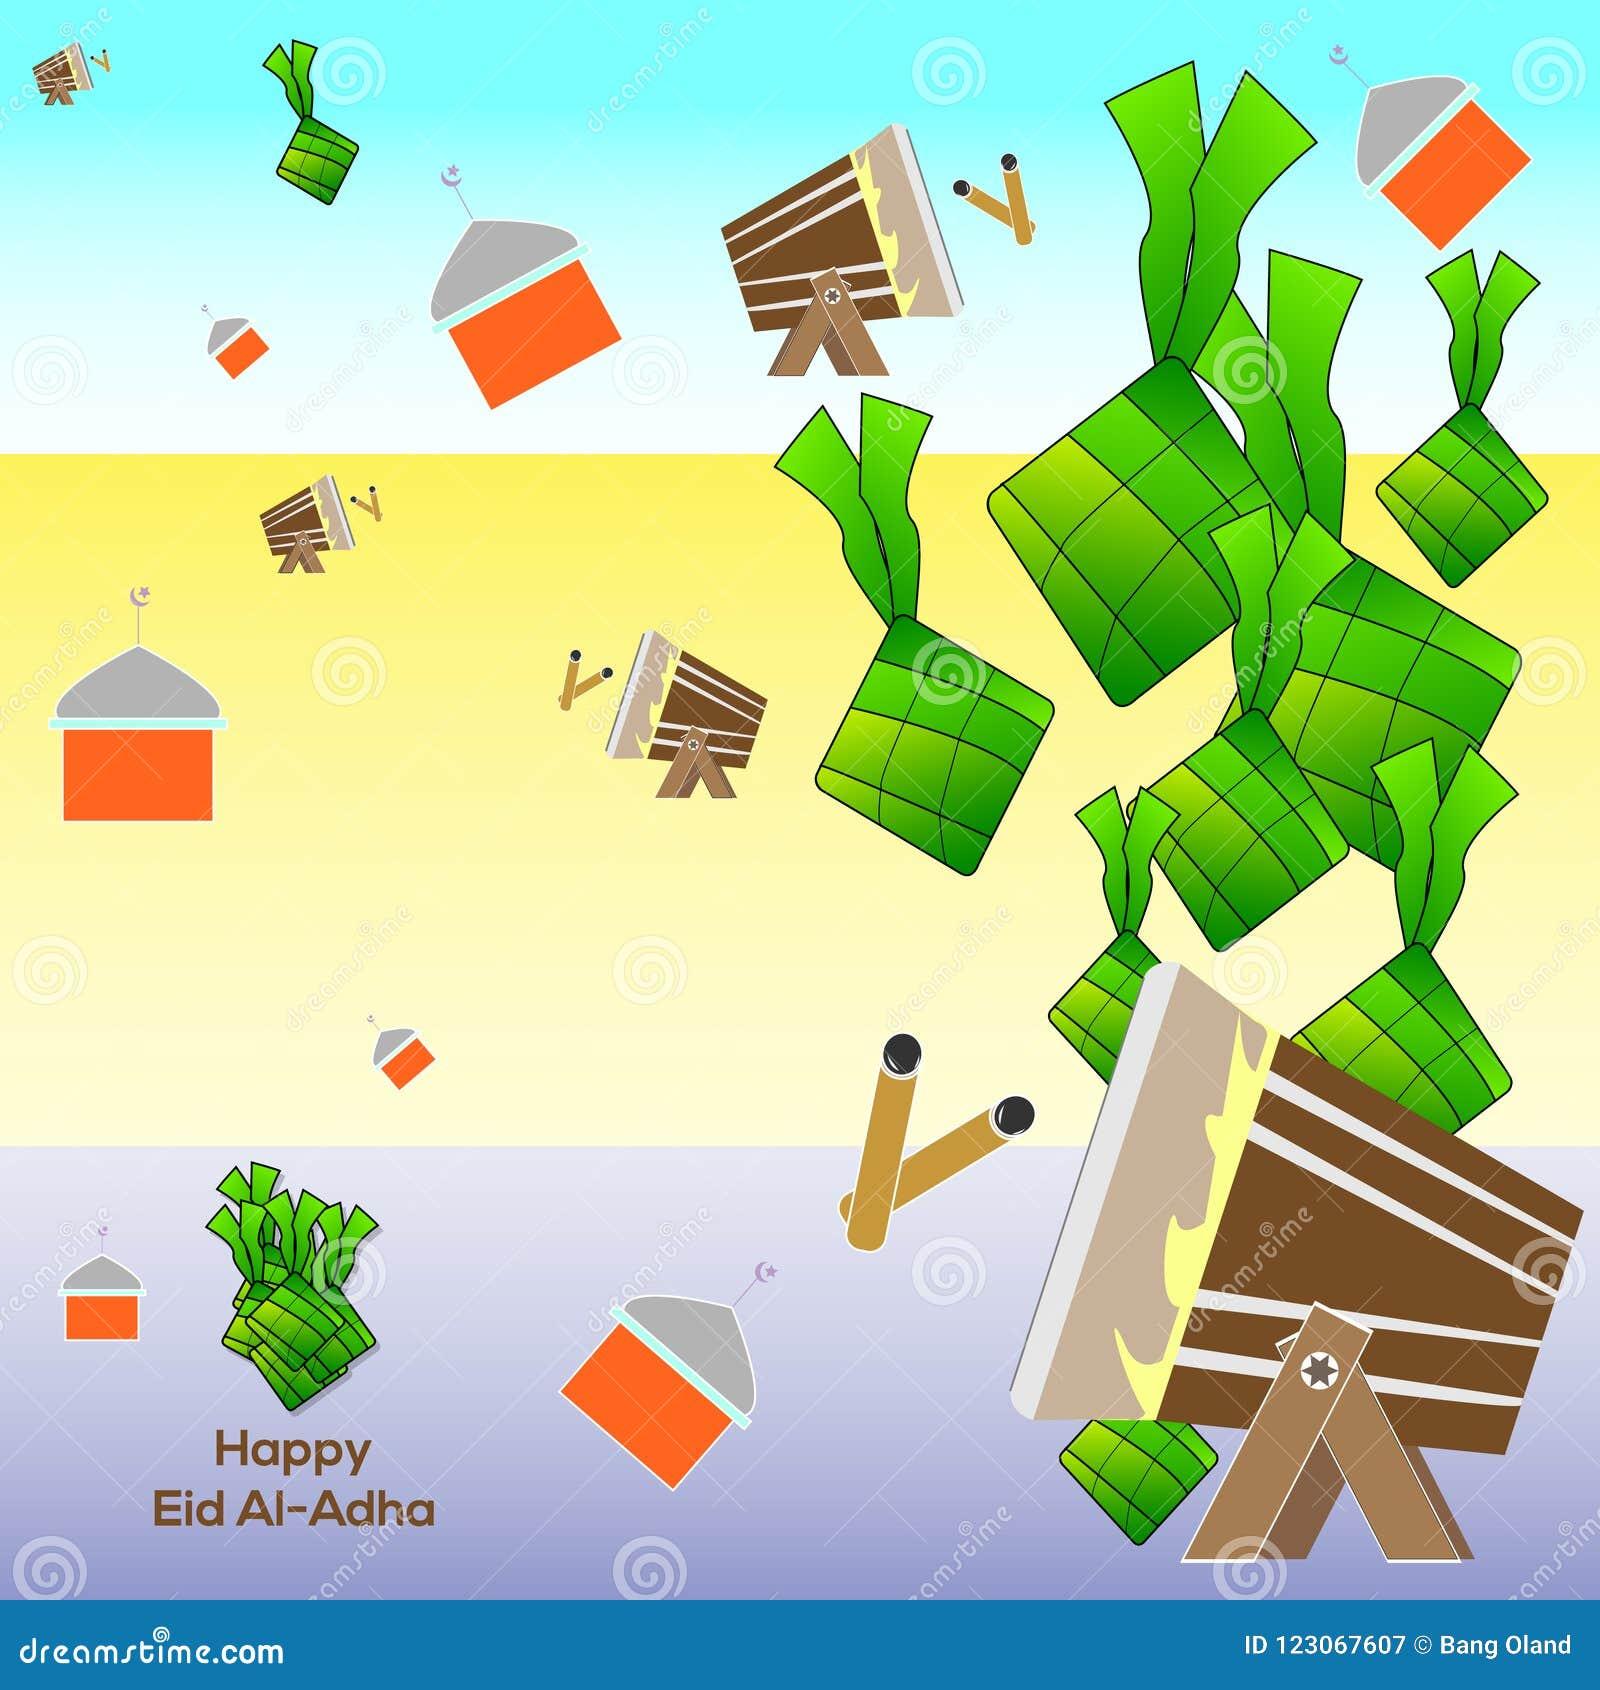 Мусульманский al-Adha Eid праздника торт риса украшения графического дизайна, мечеть, и ремесло барабанчика Иллюстрация EPS 10